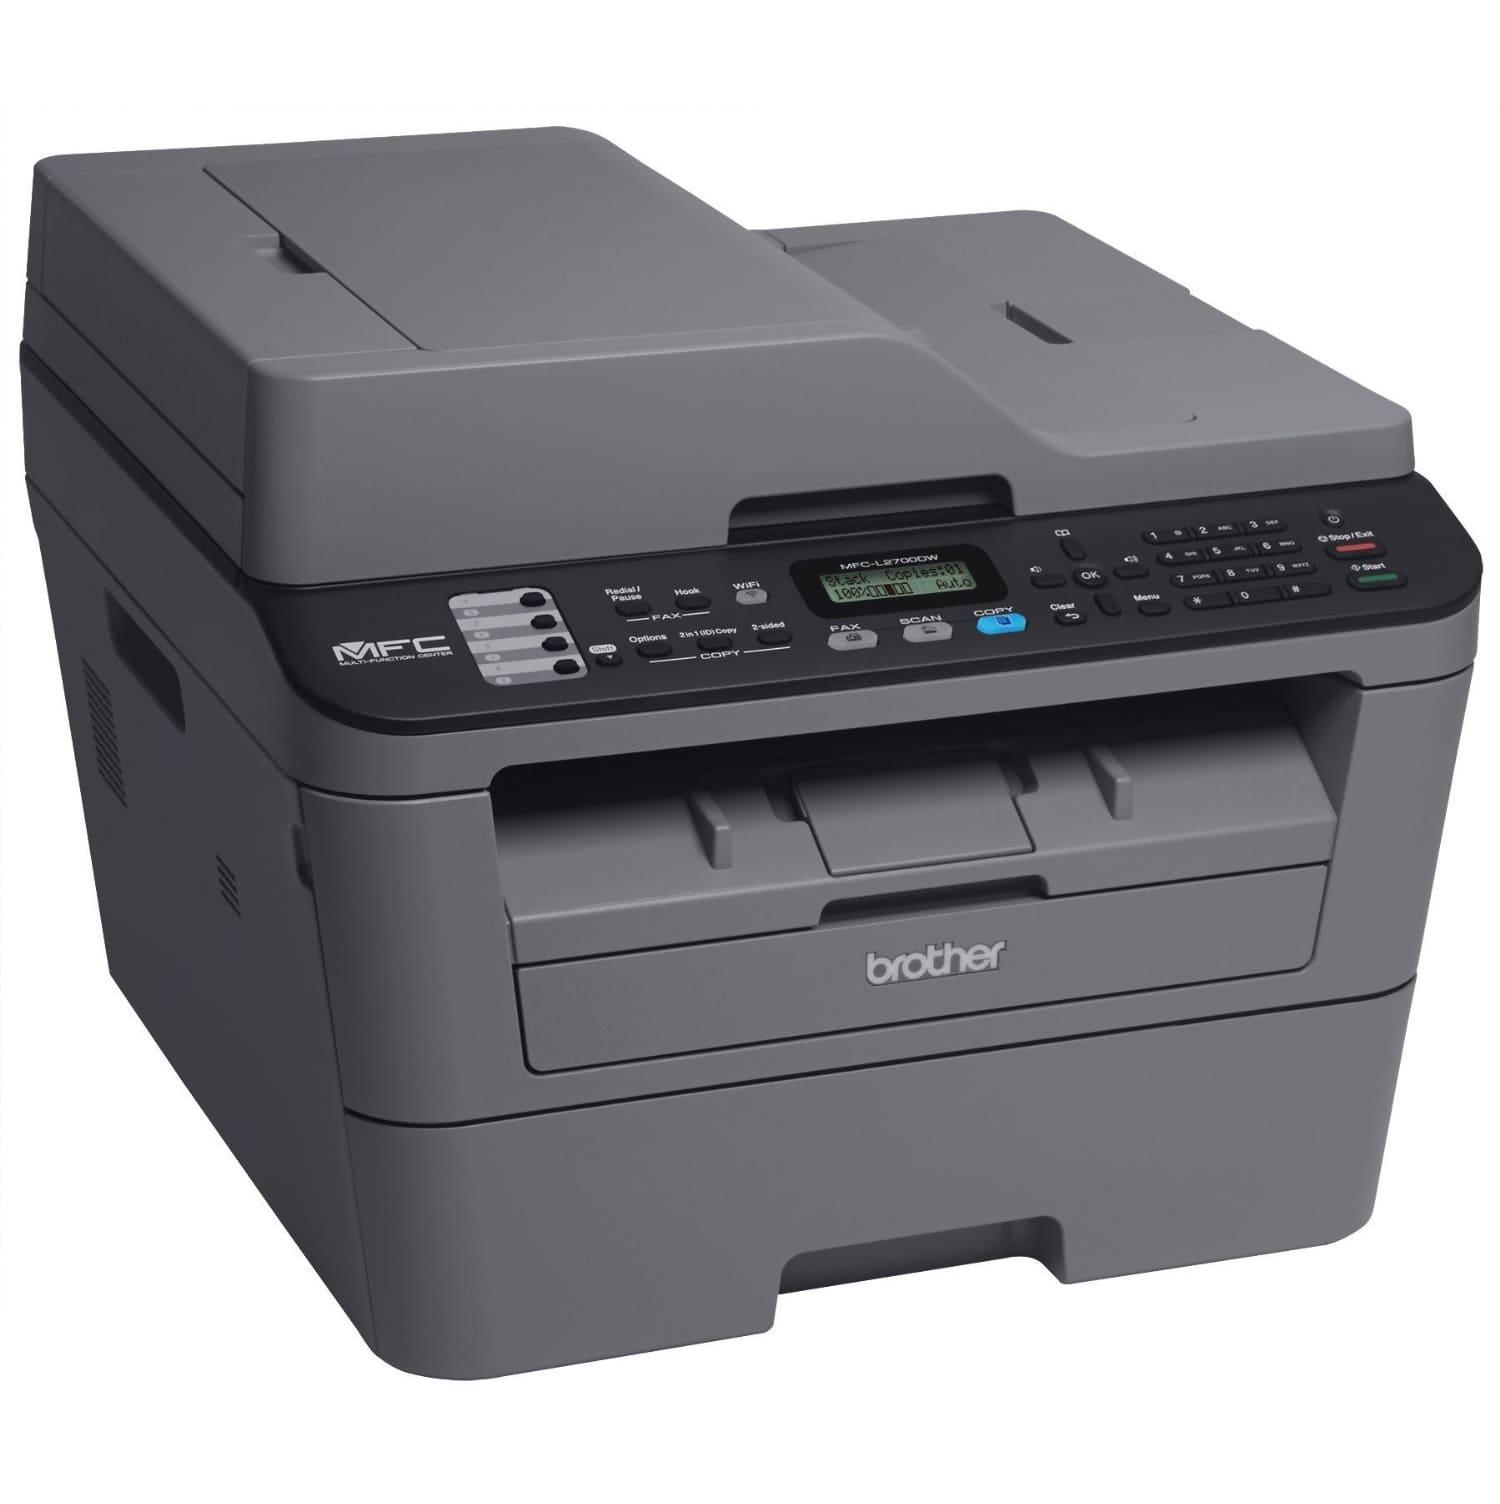 Brother MFC-L2701DW – Máy in đa chức năng, giải pháp in ấn cho văn phòng bạn